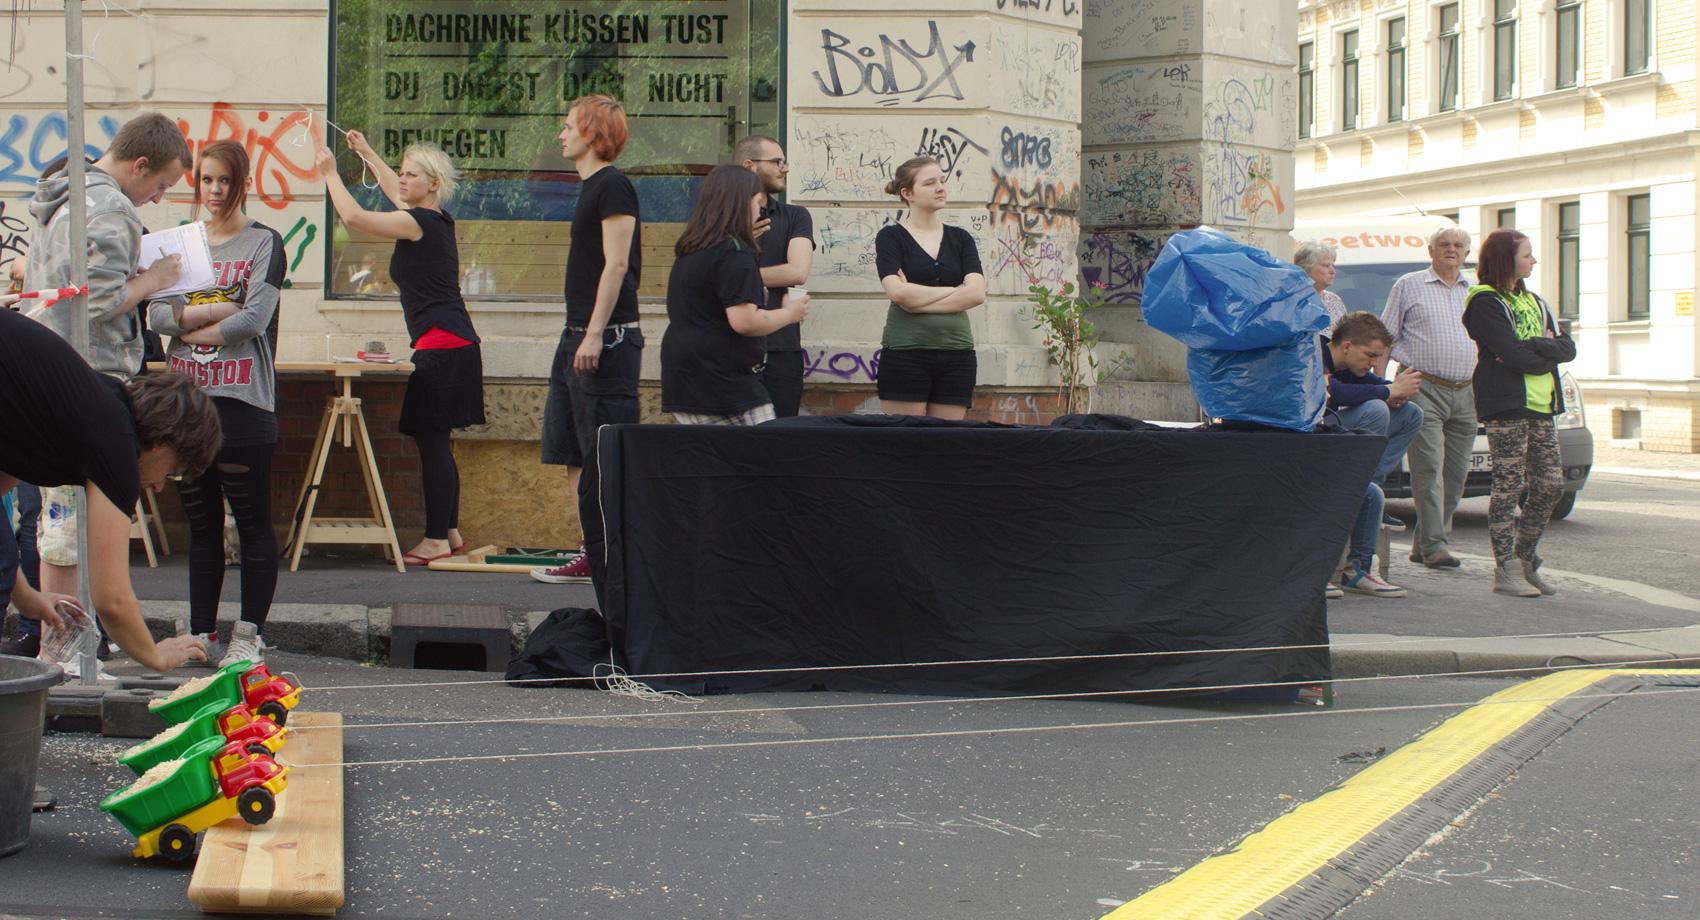 Junge Menschen bereiten ein Spielzeugauto-Wettwickeln mitten auf der Straße vor.